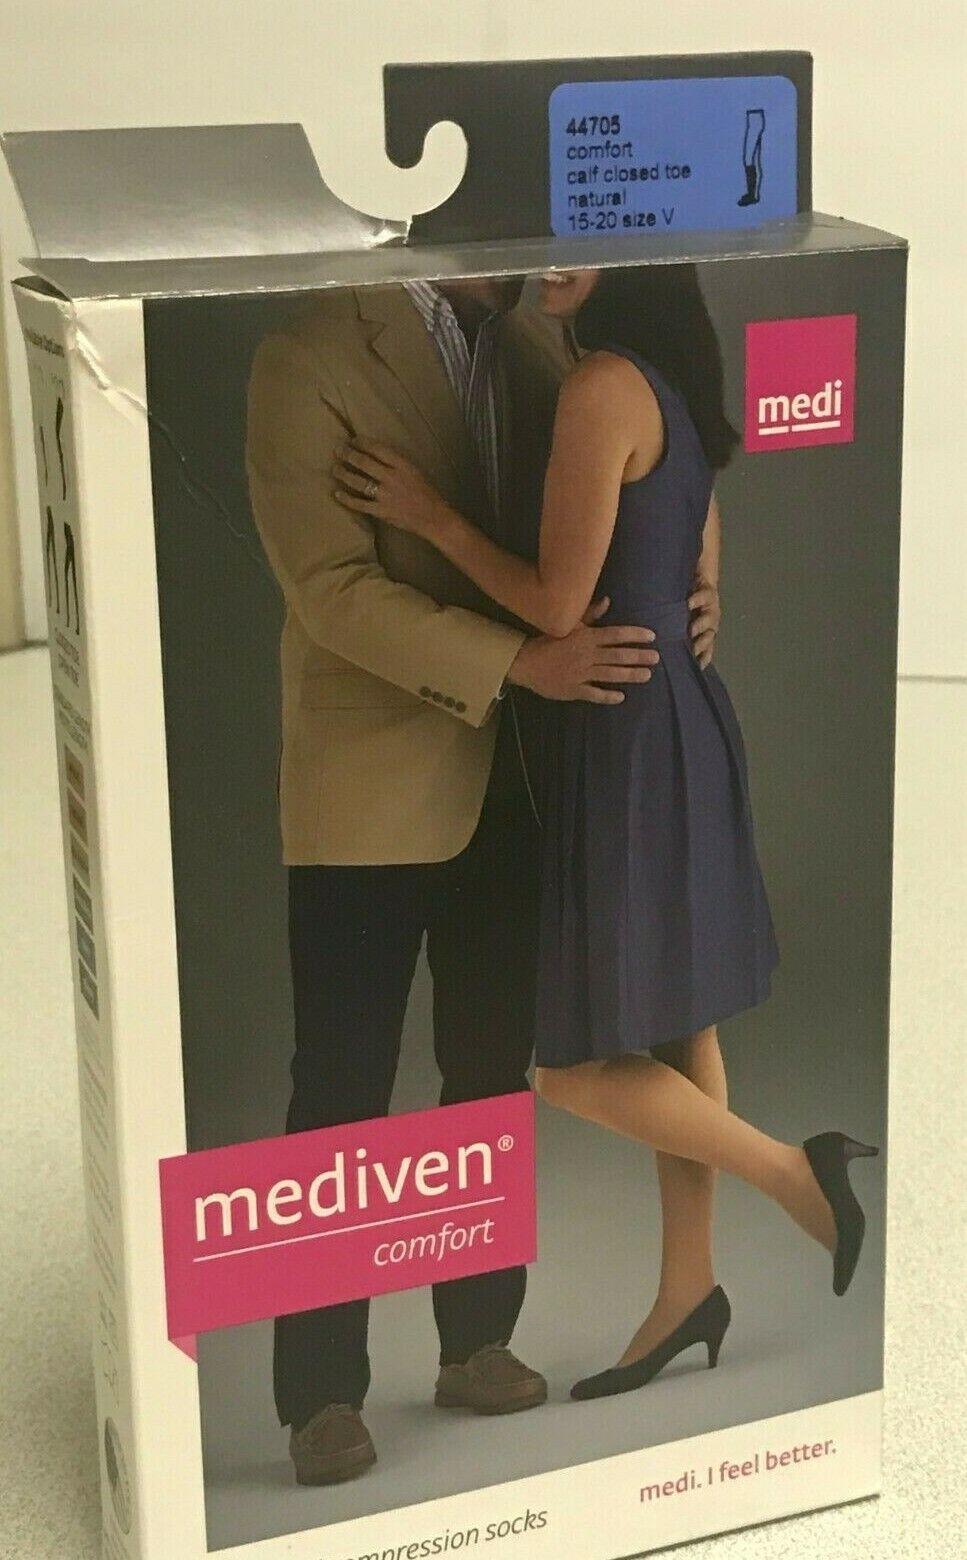 Mediven Comfort Compression Socks Calf Closed Toe 15-20 Natu